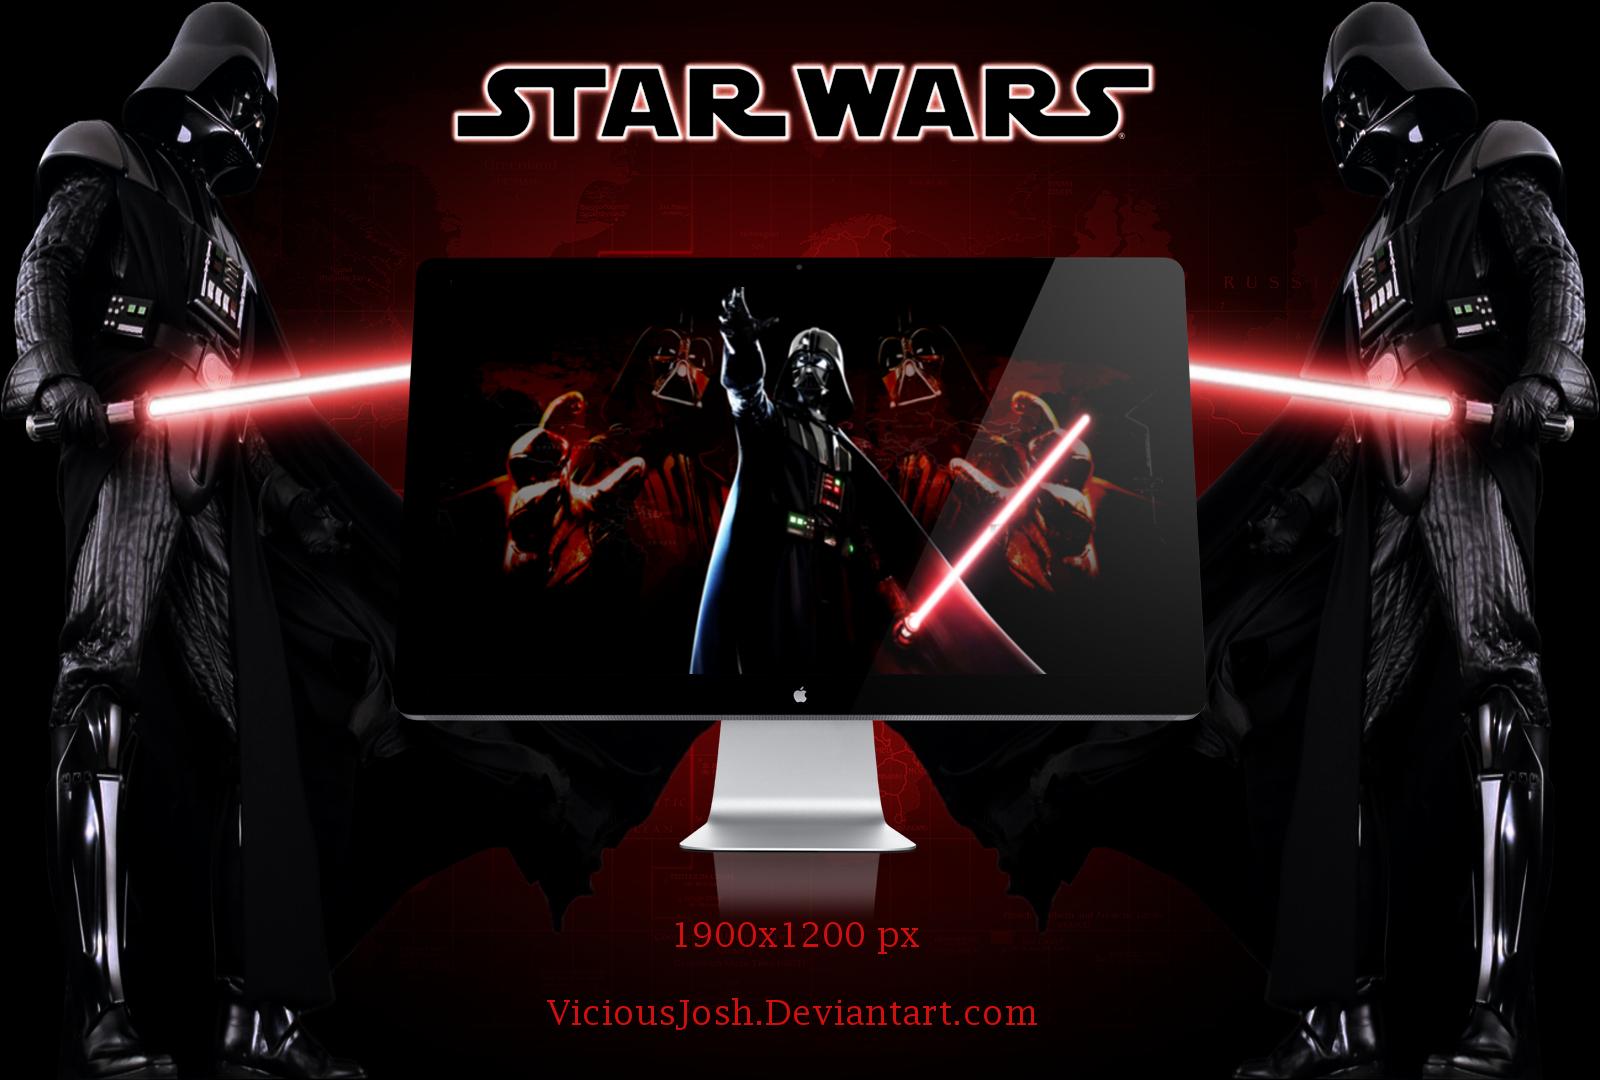 Star Wars Darth Vader Wallpaper By Viciousjosh On Deviantart